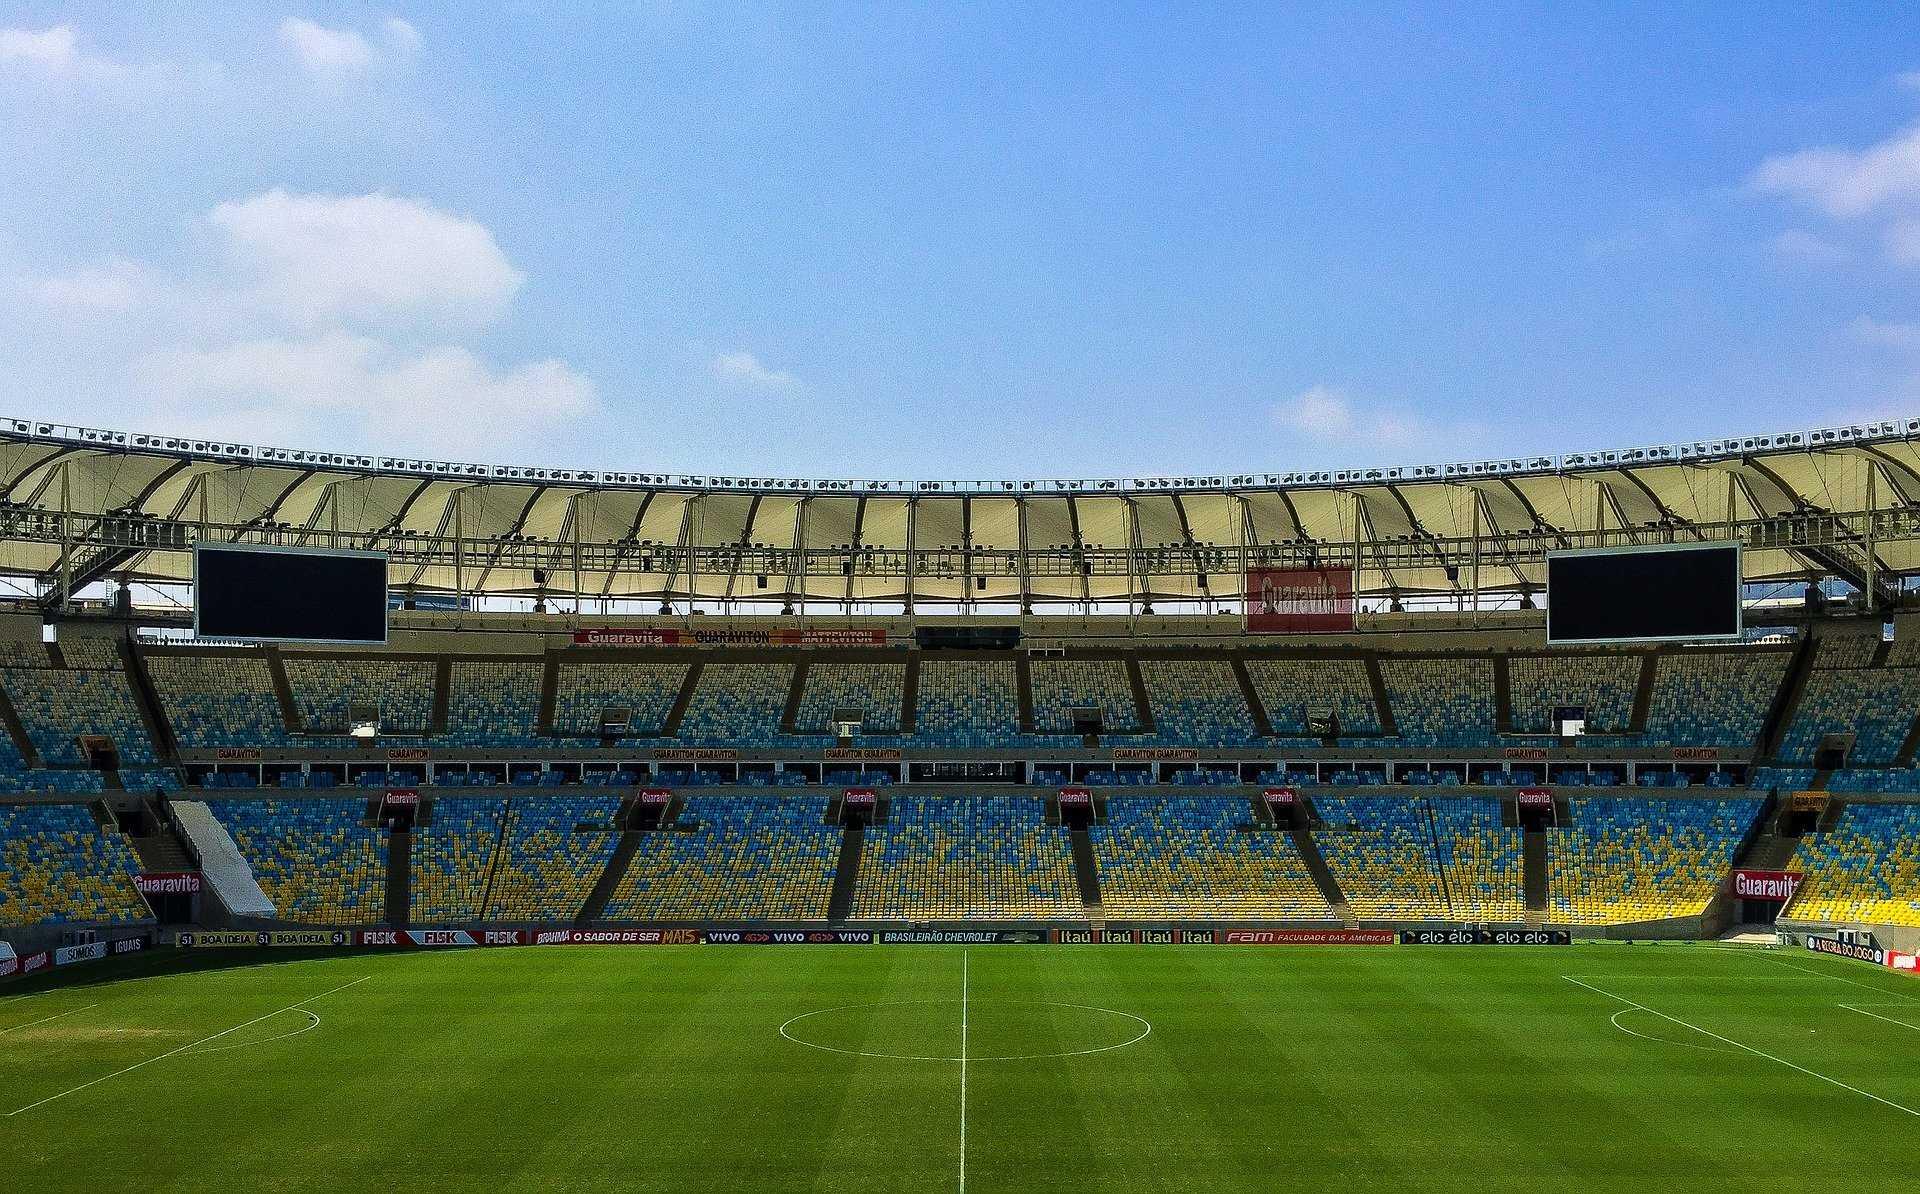 כרטיסים לליגת האלופות 2021/2022 - איפה כדאי לקנות כרטיסים ובכמה?